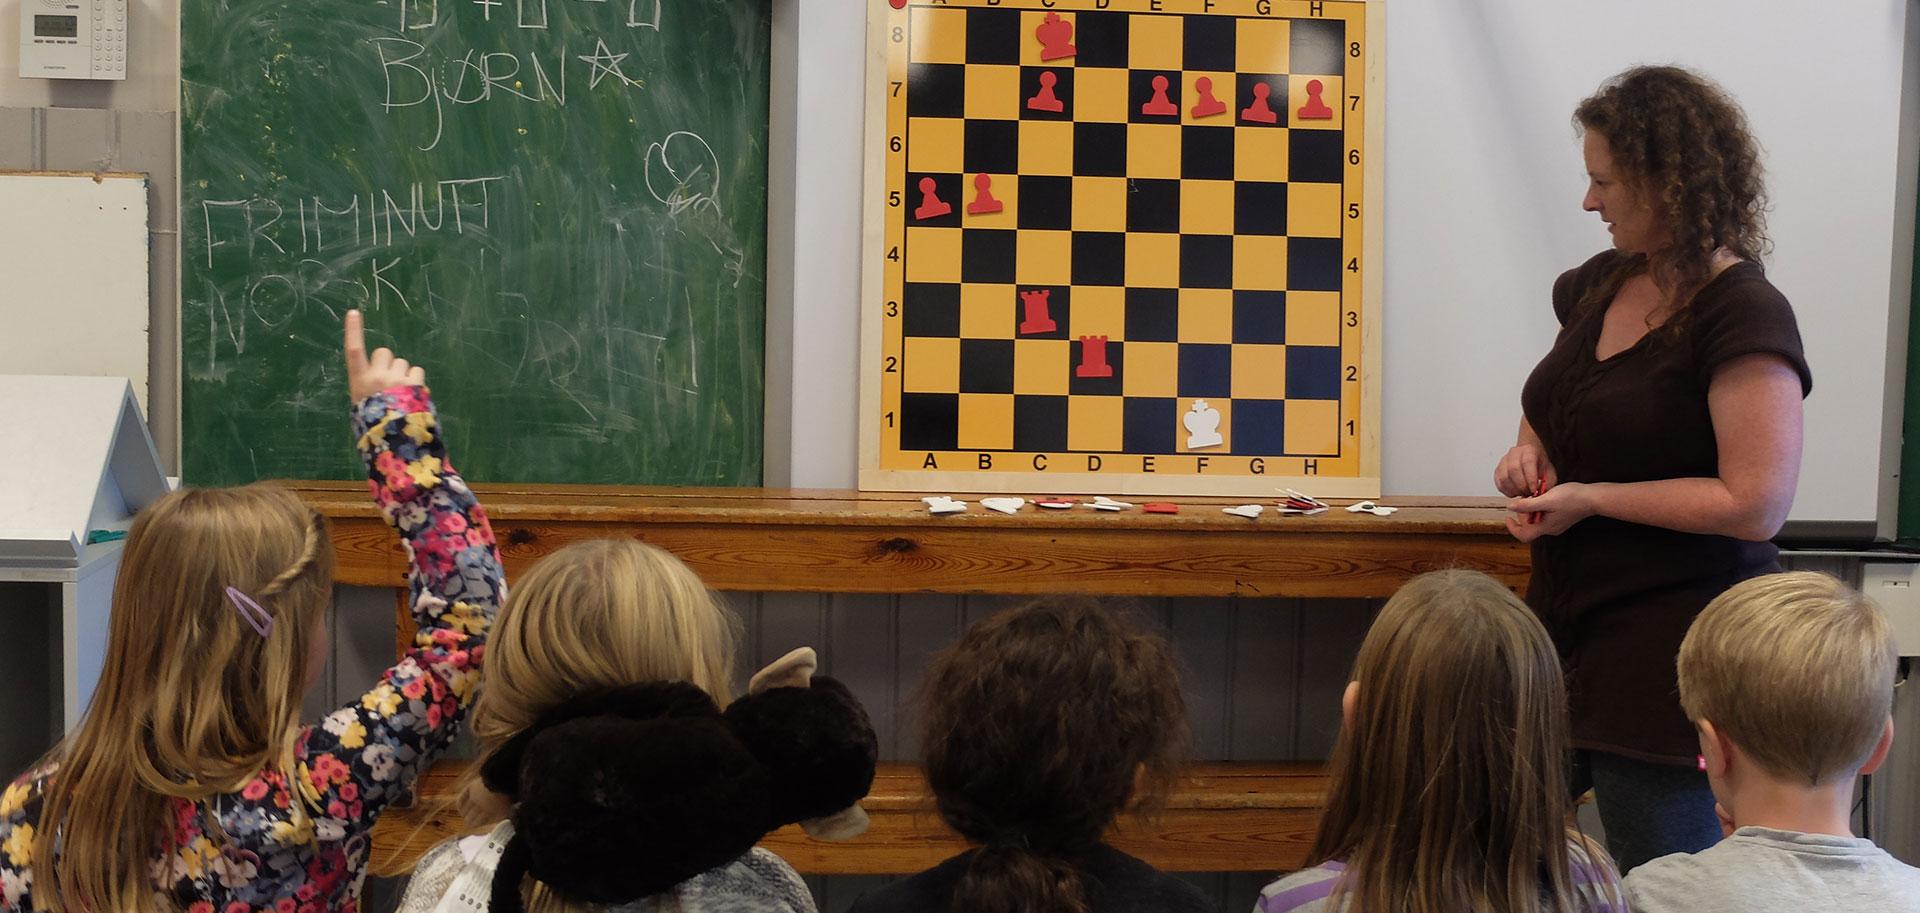 Sjakk som pedagogisk verktøy?